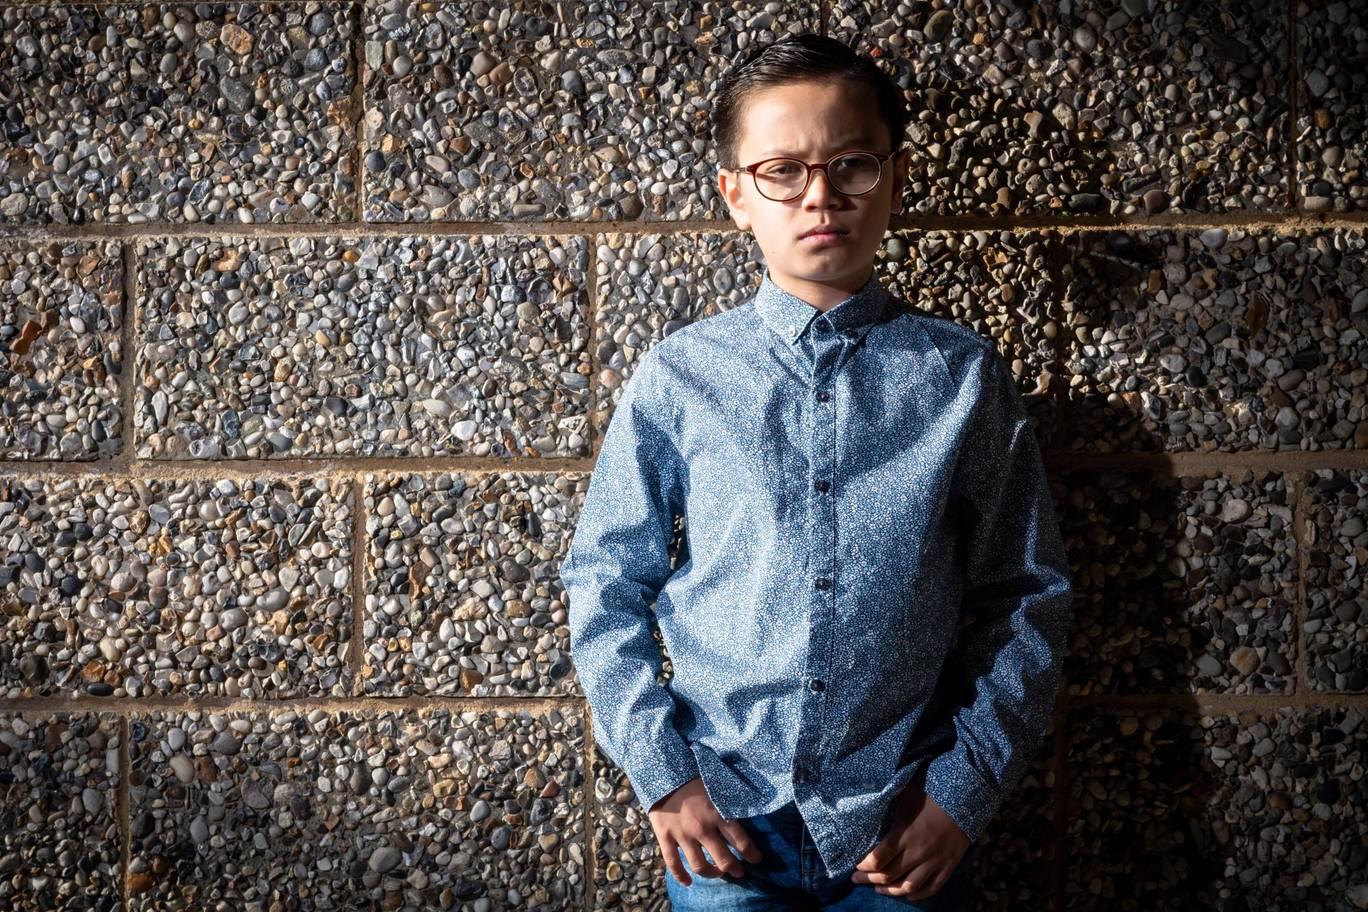 11-річний хлопчик з аутизмом знявся в рекламі H&M